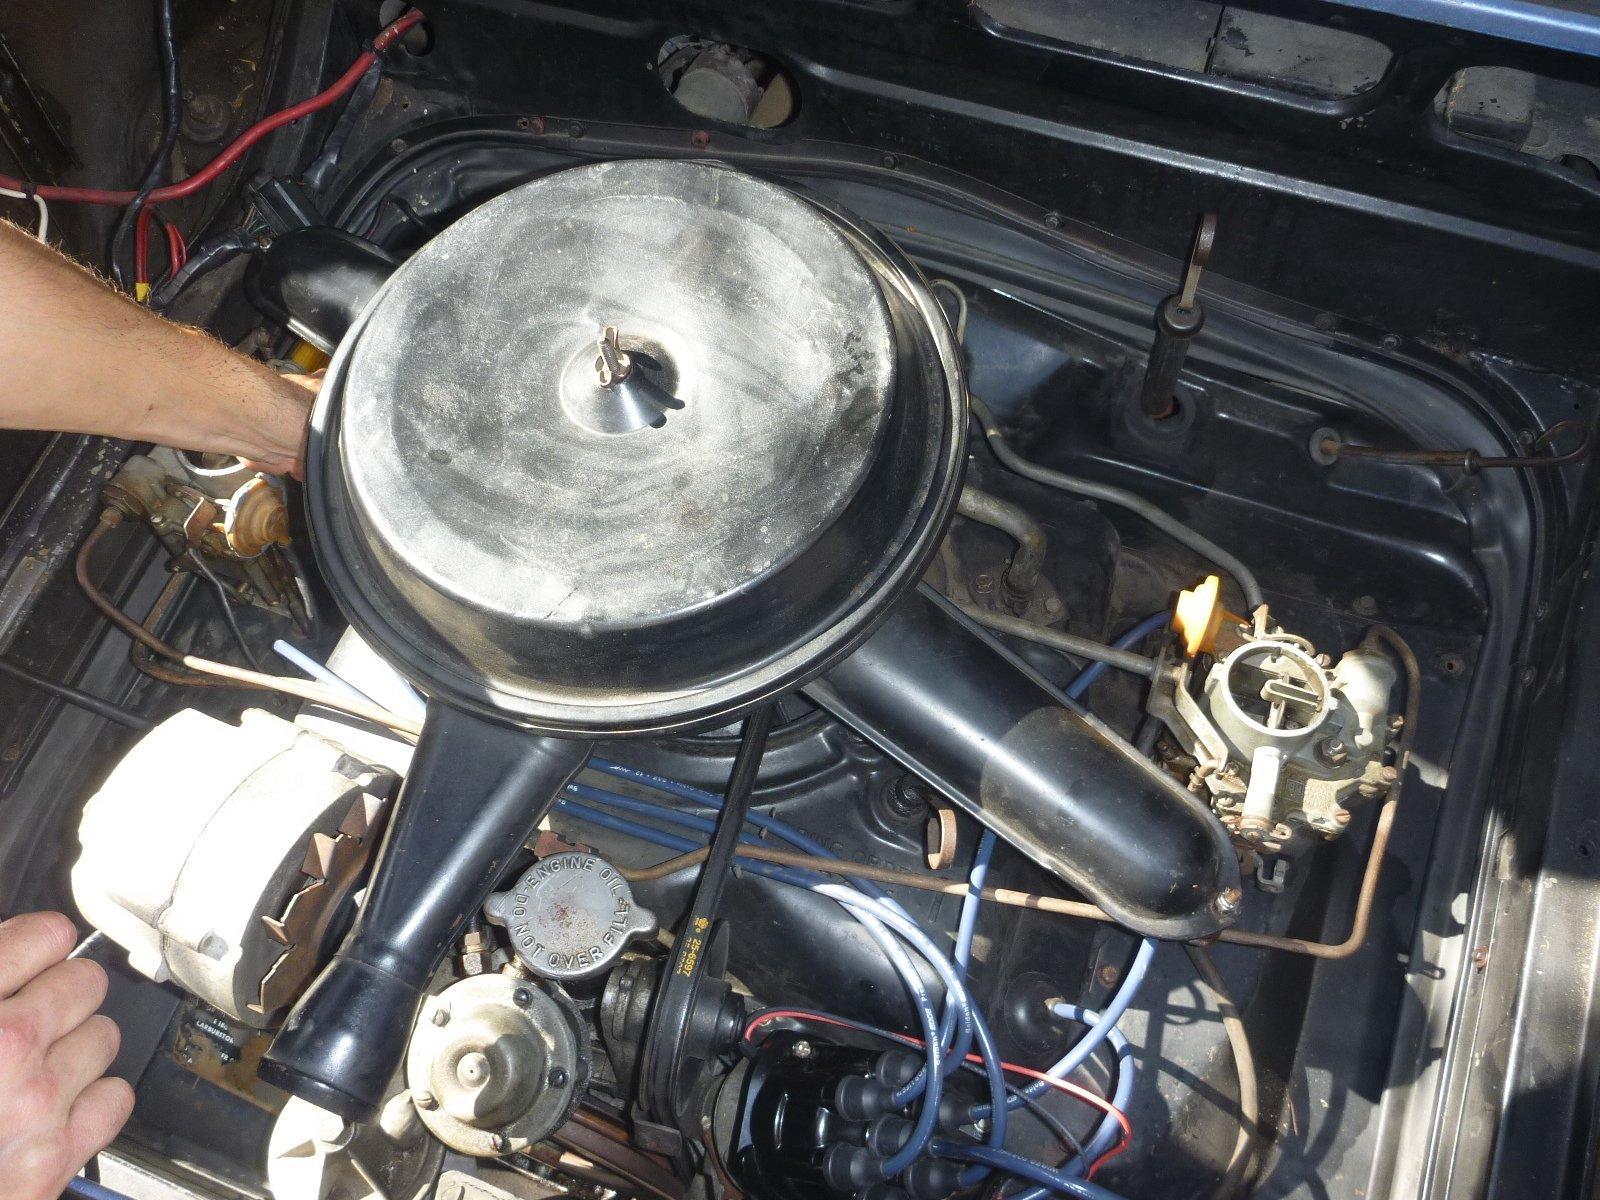 Carburetor Idle Adjustment - iFixit Repair Guide